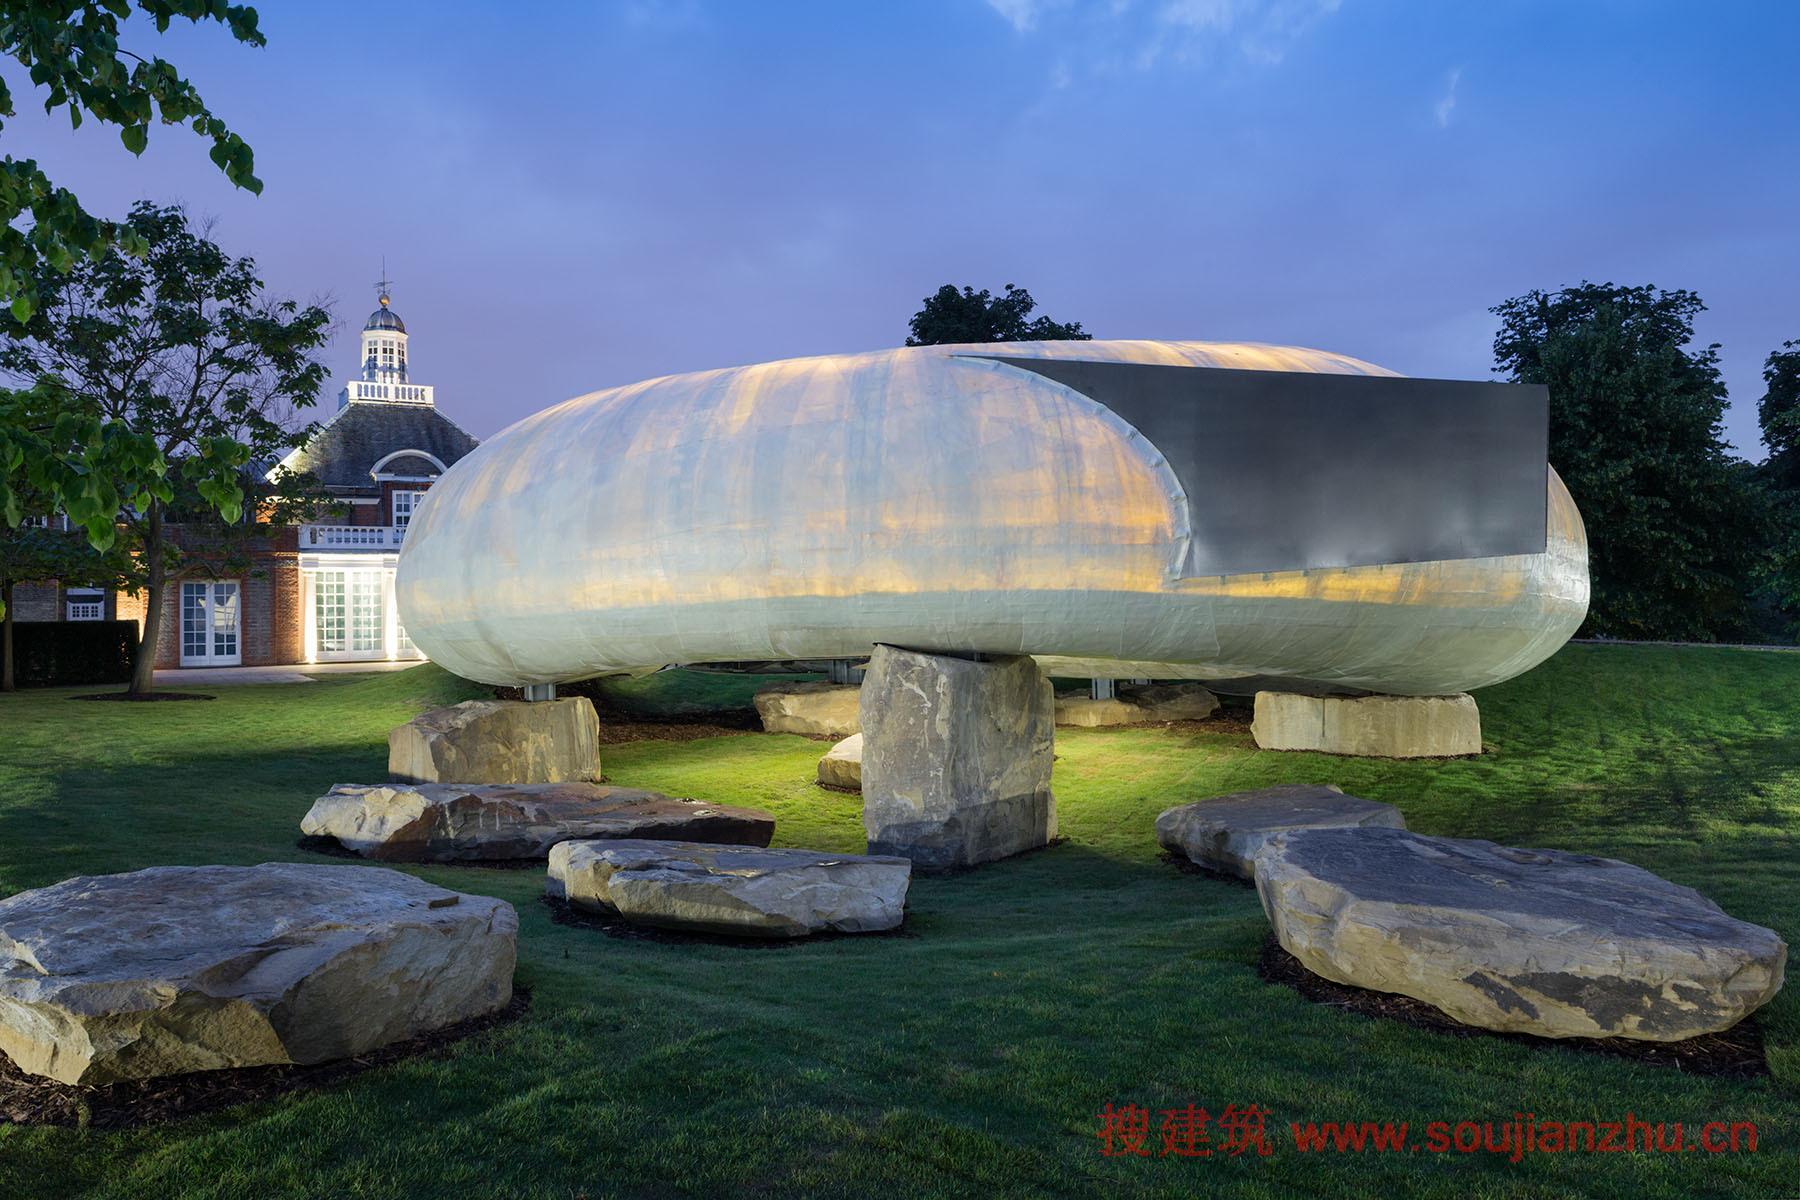 建筑师:Smiljan Radic 地点:英国 2014年的蛇形画廊馆,是由智利建筑师Smiljan Radic设计的,在伦敦海德公园开幕。该馆采用玻璃纤维增强塑料壳放在大型石材荒料,灵感来自于四年前创建一个虚构的模型。由此产生的结构,看似不可思议的薄而透明的外壳,却吸引了路人的目光,在晚上,内部散发出如琥珀色的光。